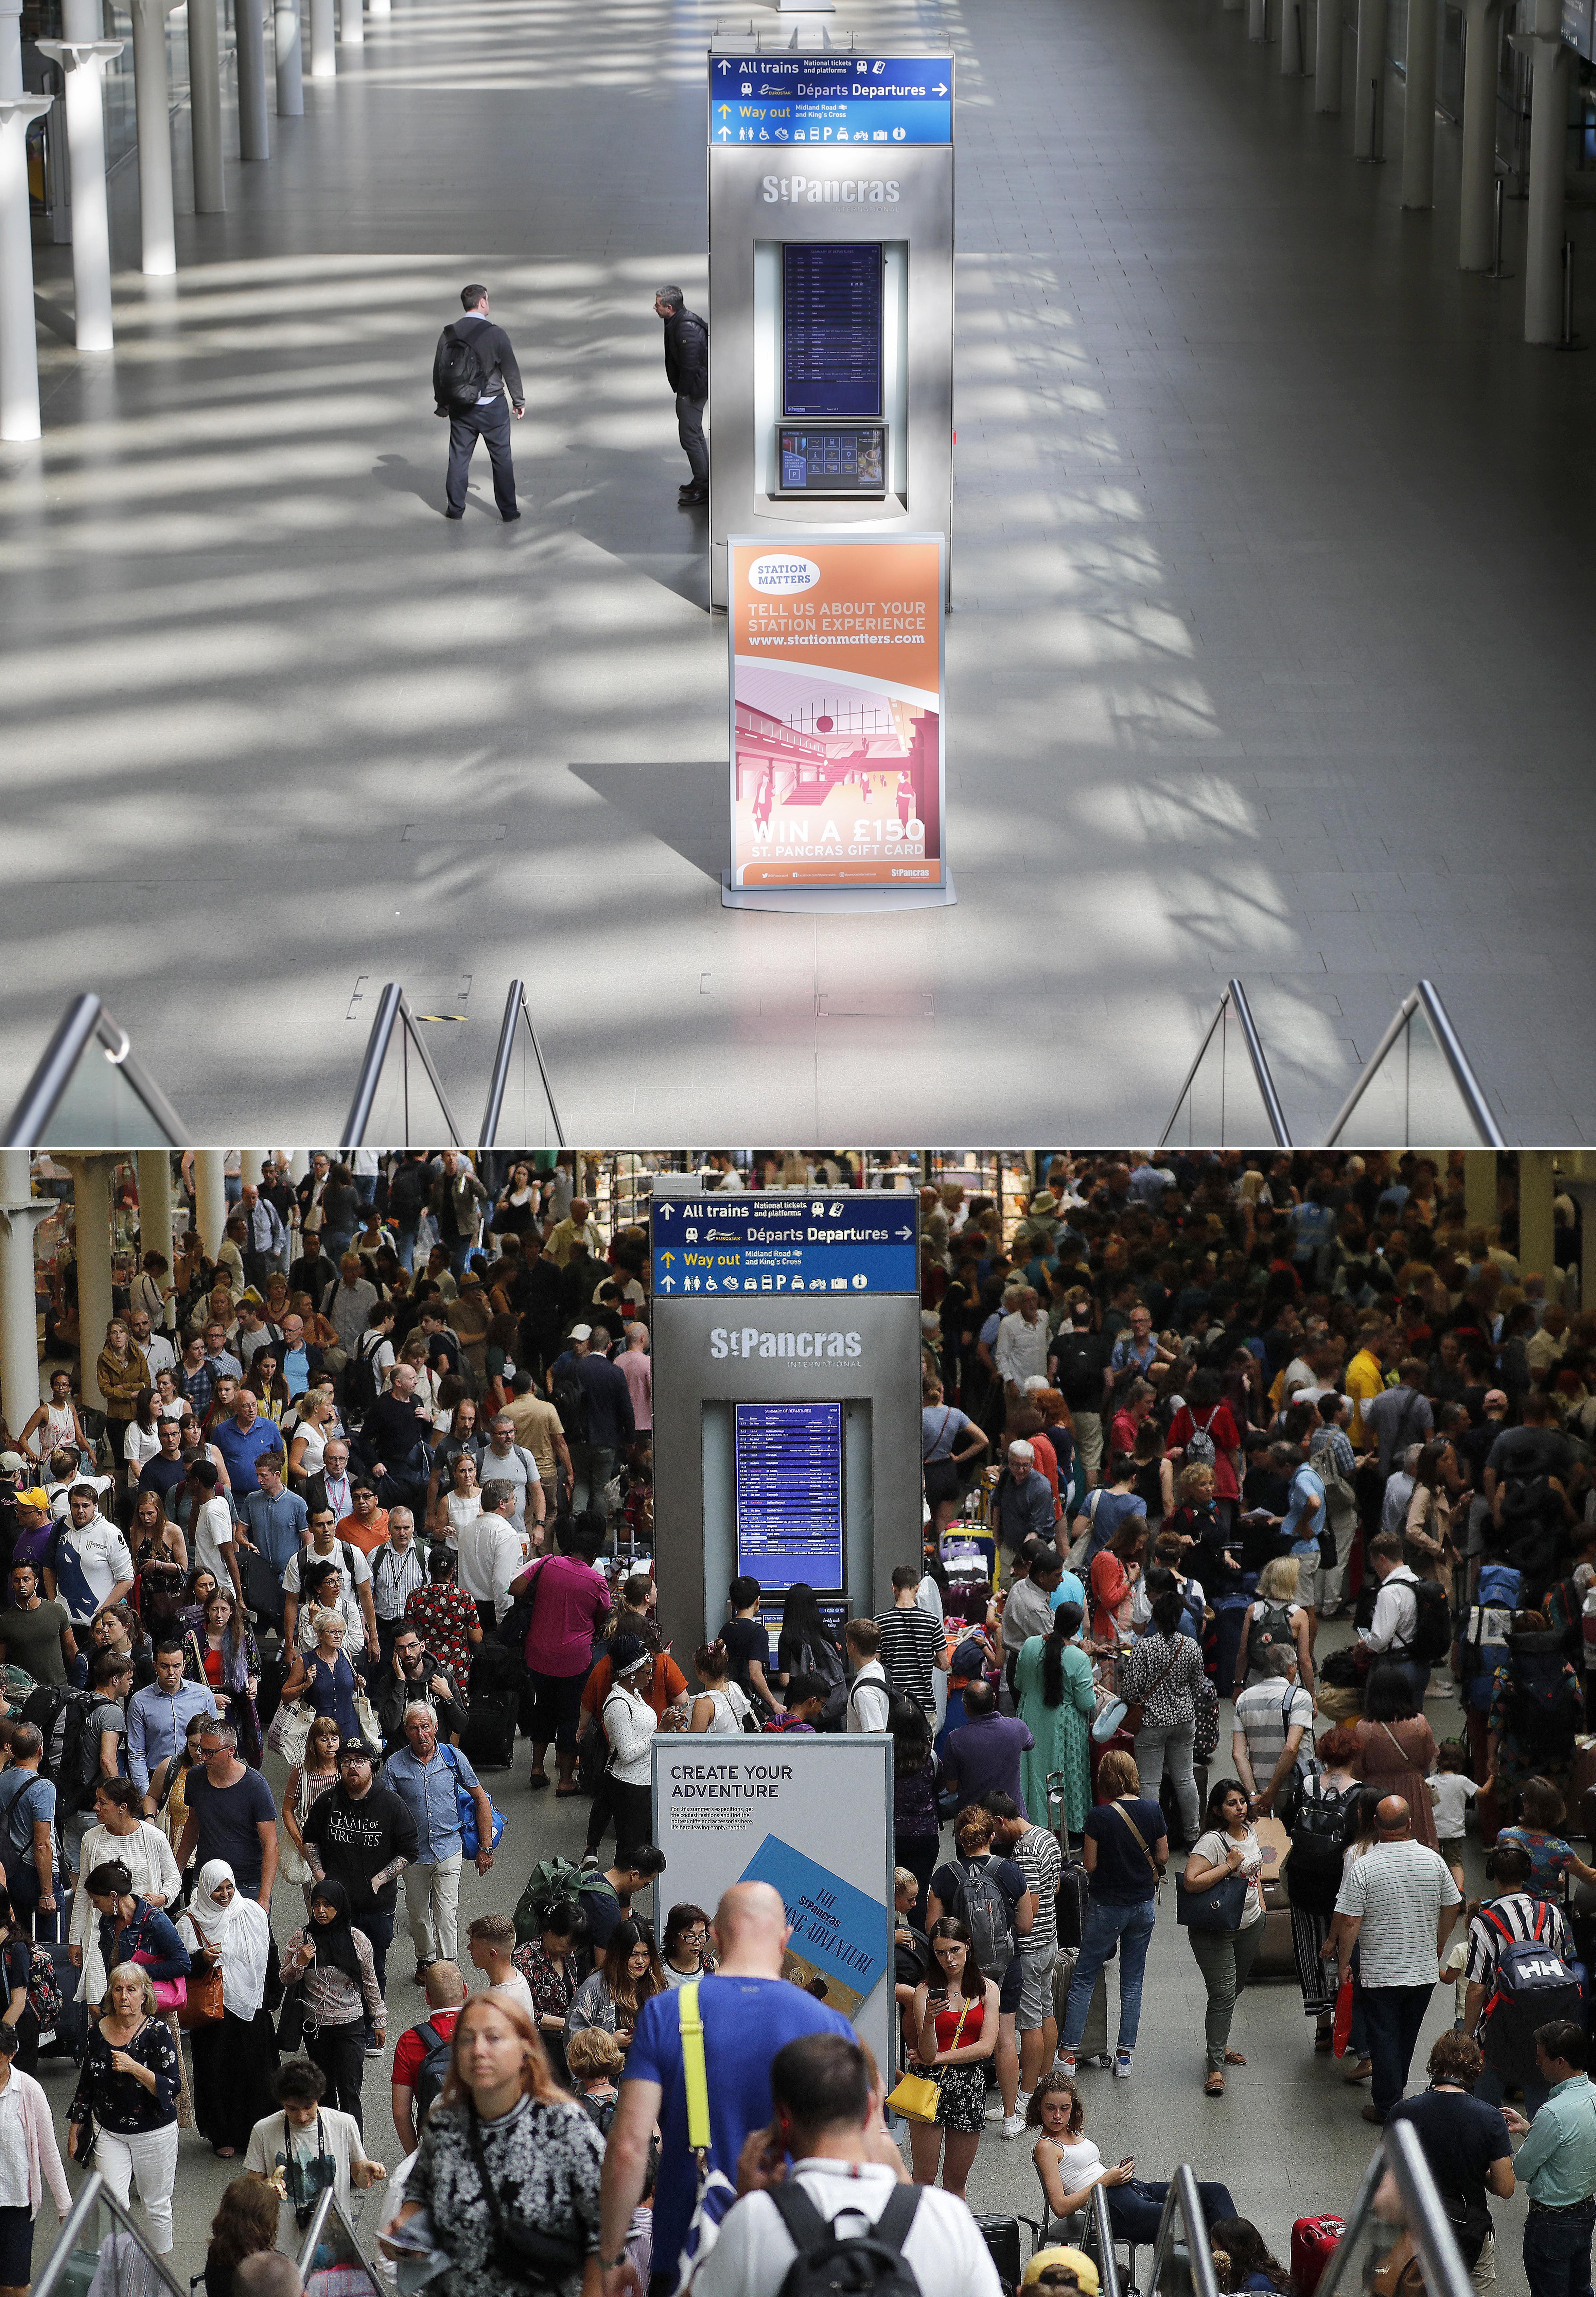 محطة قطار سانت بانكراس التي عادة ما تكون مكتظة بالمسافرين تبدو مهجورة أيضا بسبب الوباء العالمي